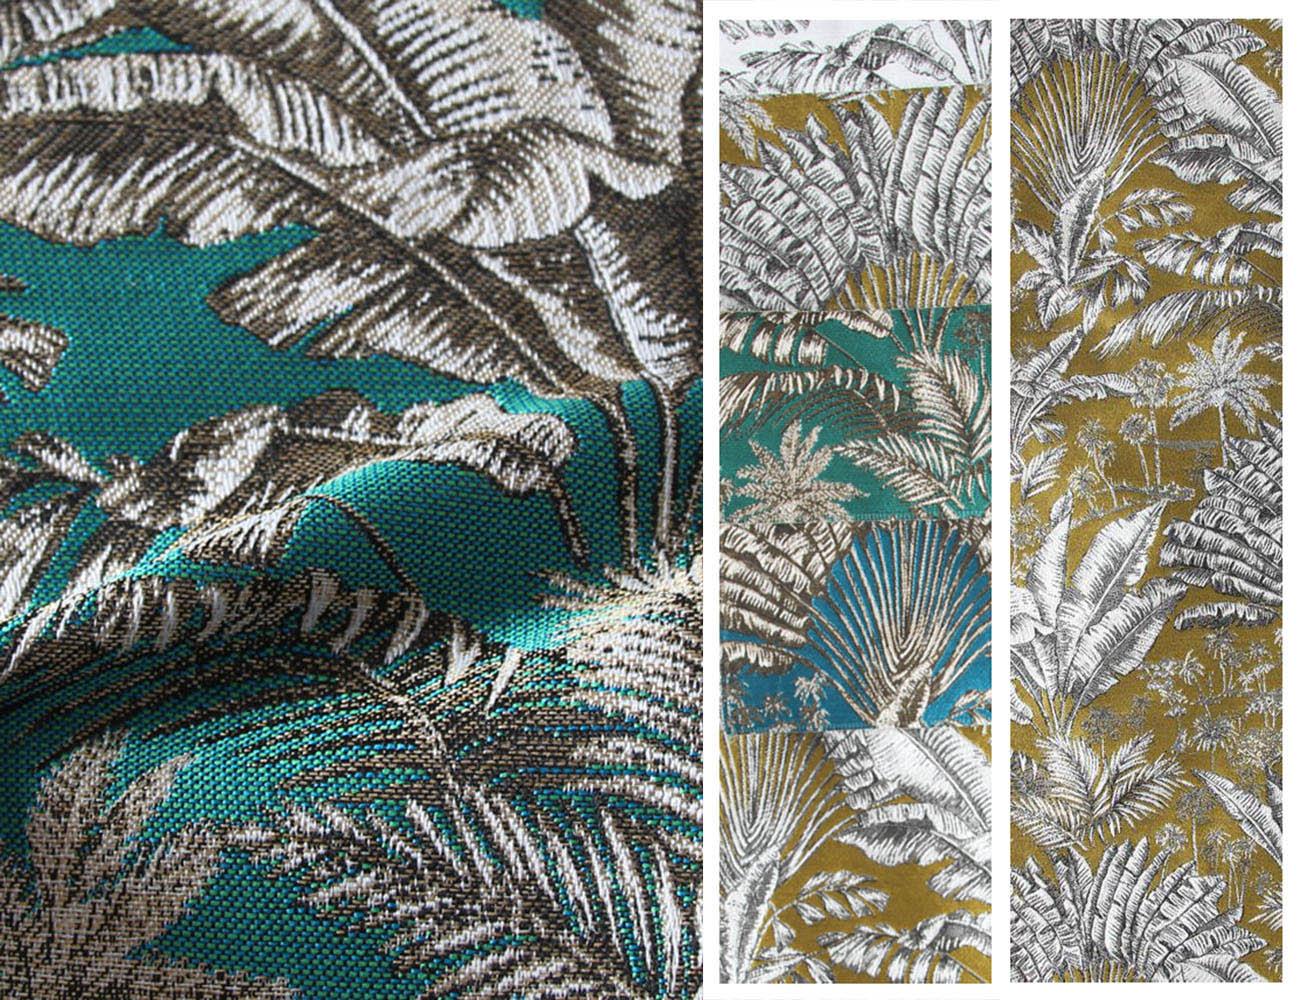 Натуральные сюжетные ткани с цветочными узорами